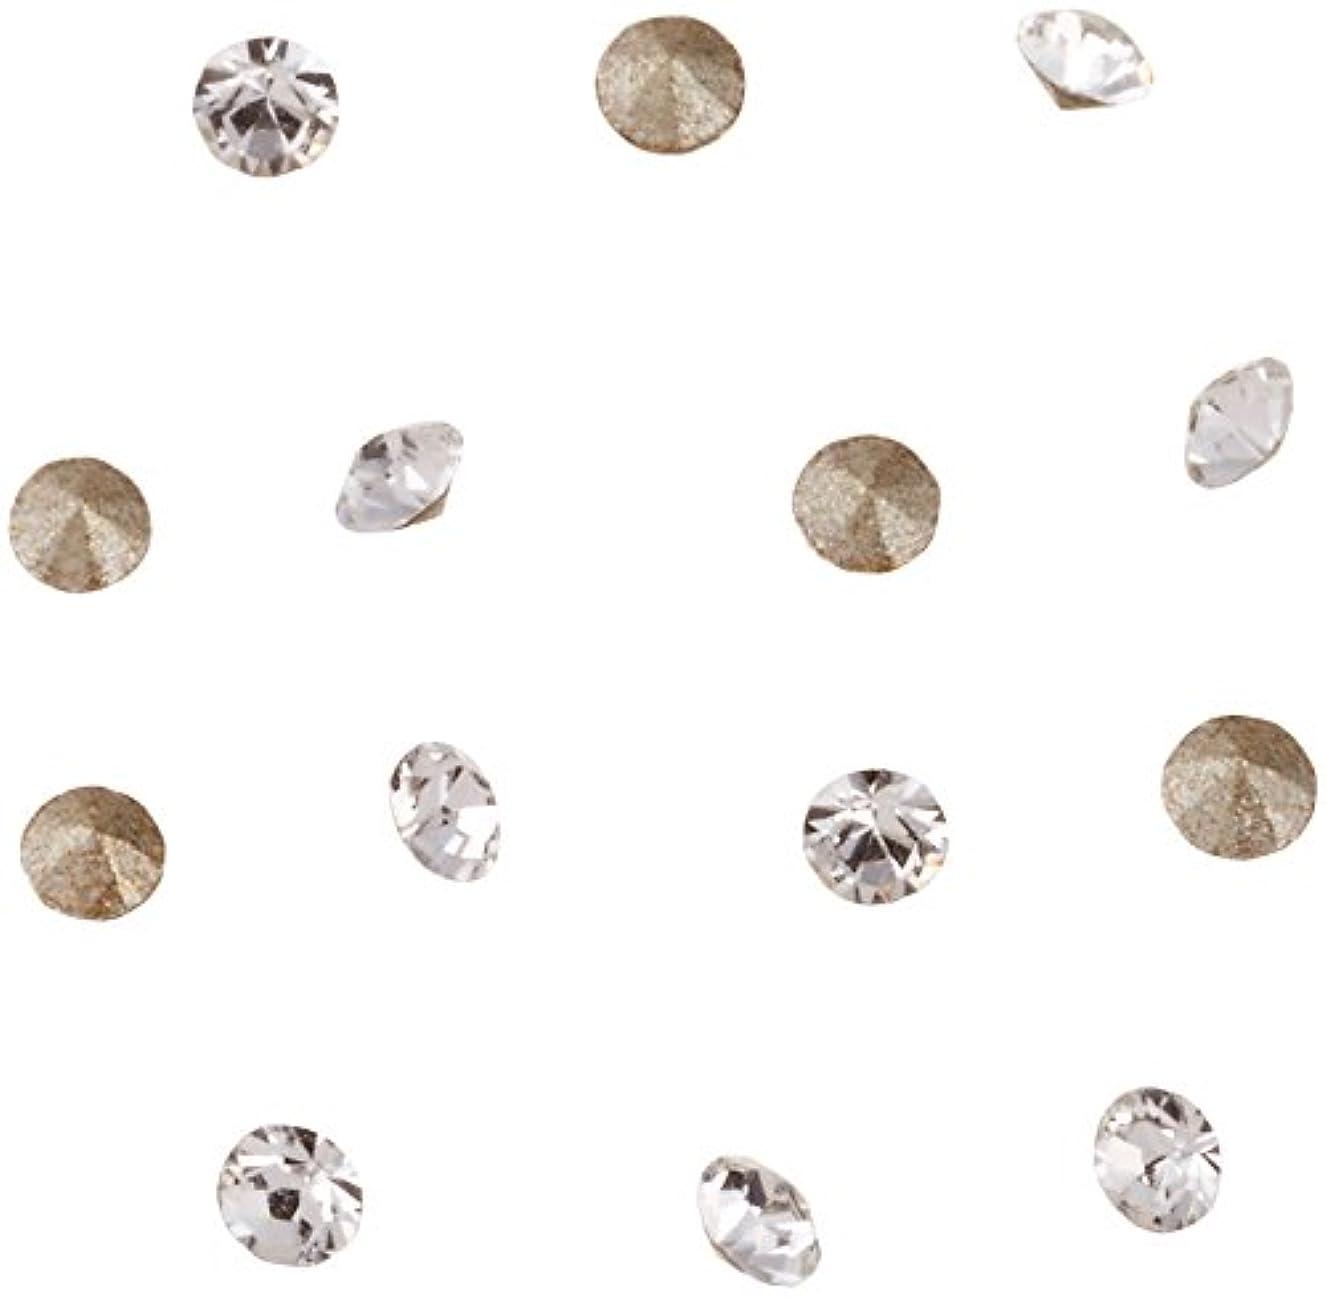 不透明な七面鳥意外ネイルアートパーツ Vカットストーン クリスタル PP10   約1.6~1.7mm